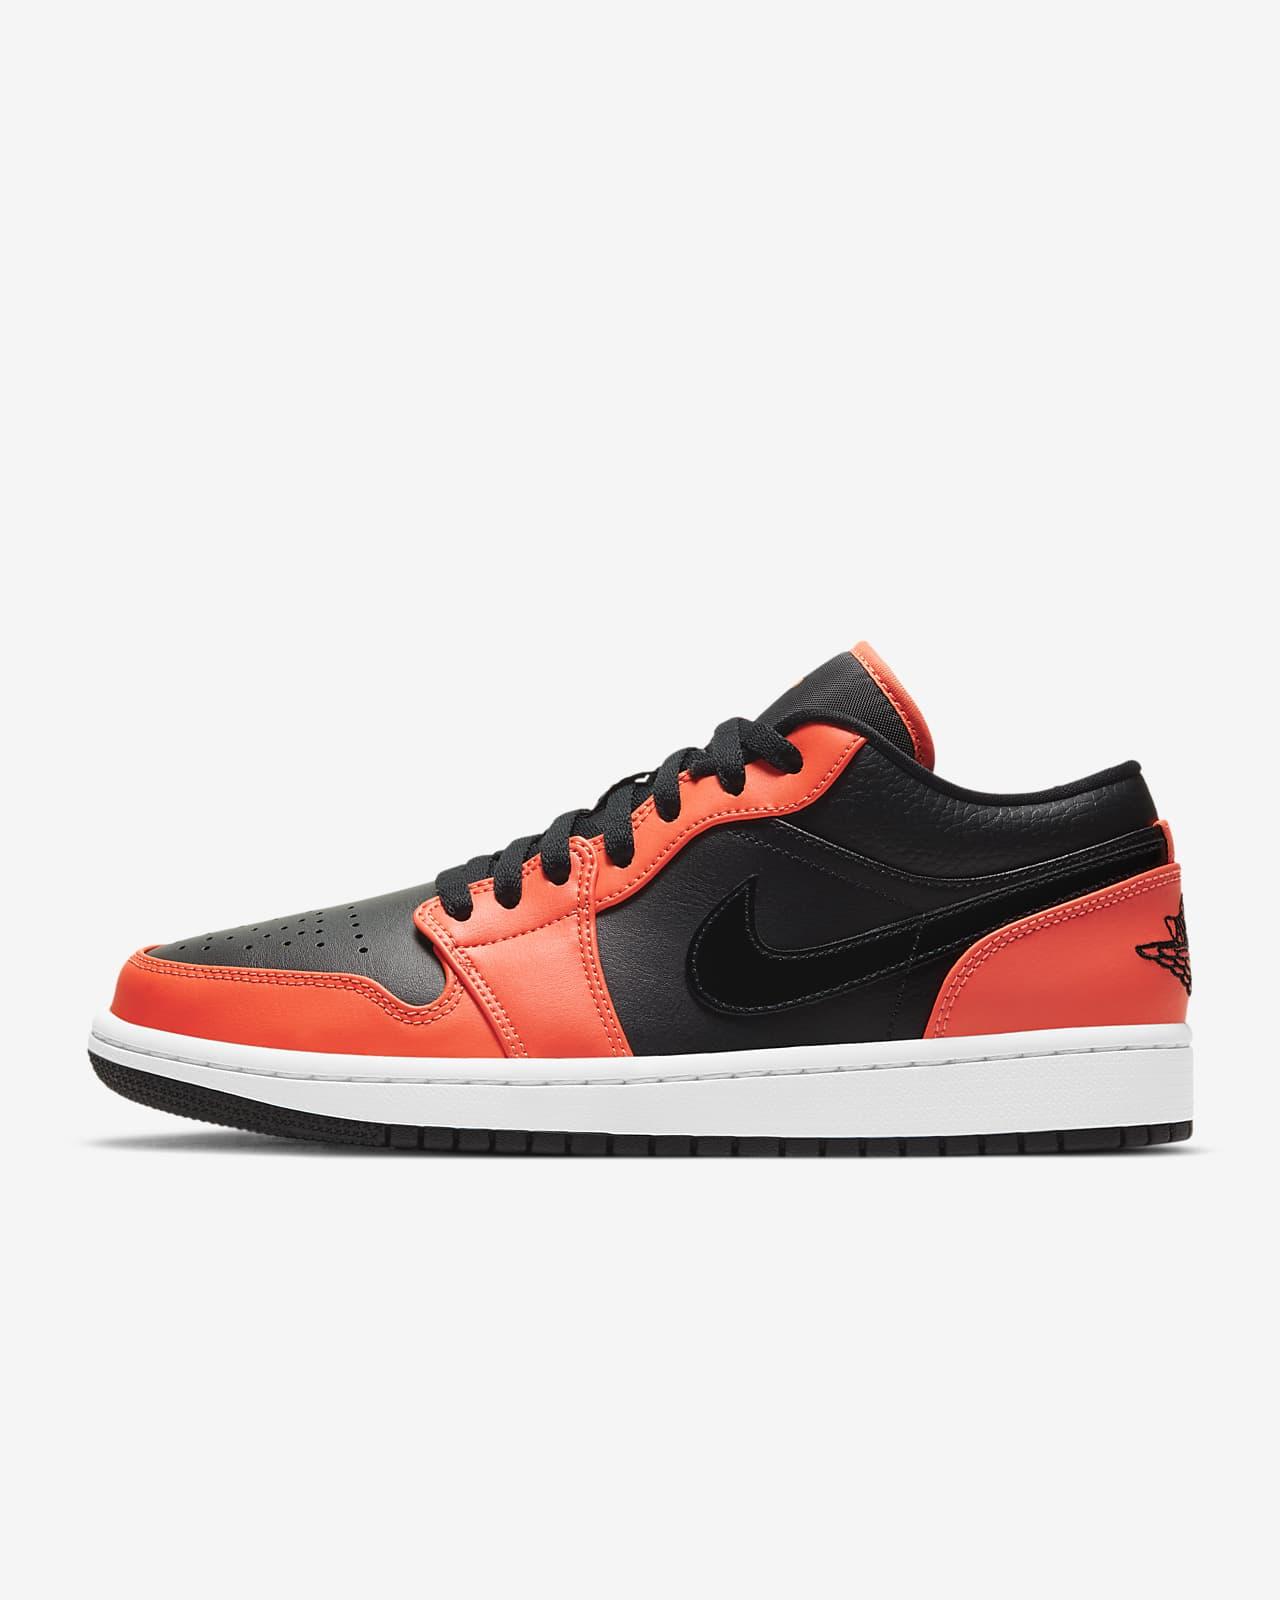 Air Jordan 1 Low SE Schuh